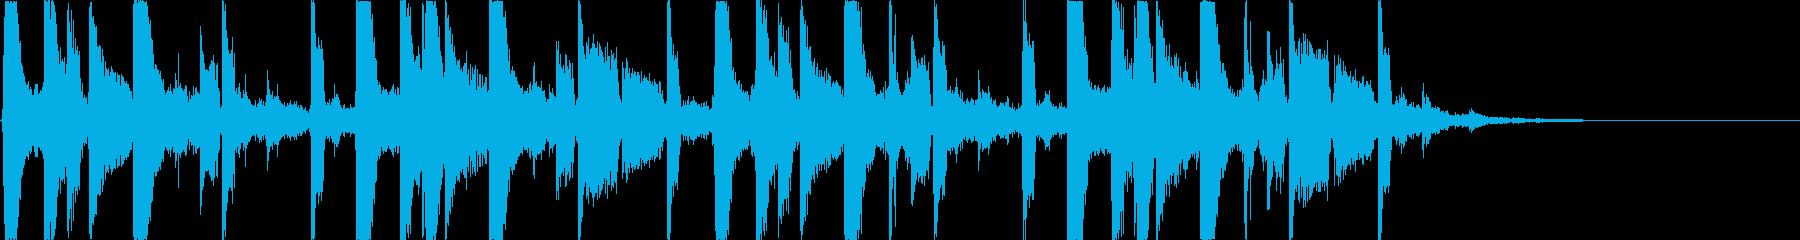 都会的でおしゃれなEDM5の再生済みの波形